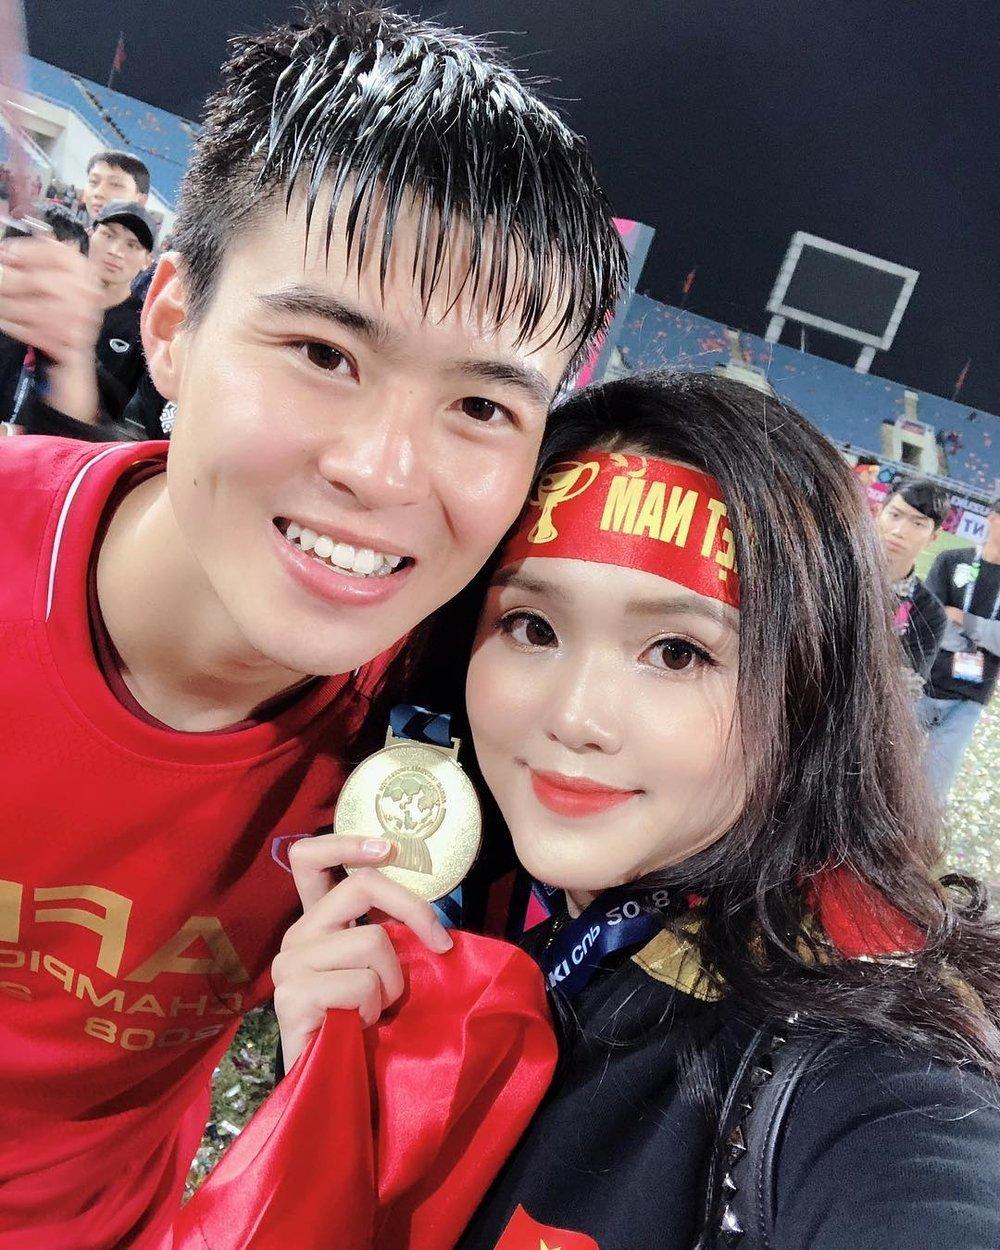 nàng WAGS được yêu thích trong dàn người yêu của cầu thủ Việt